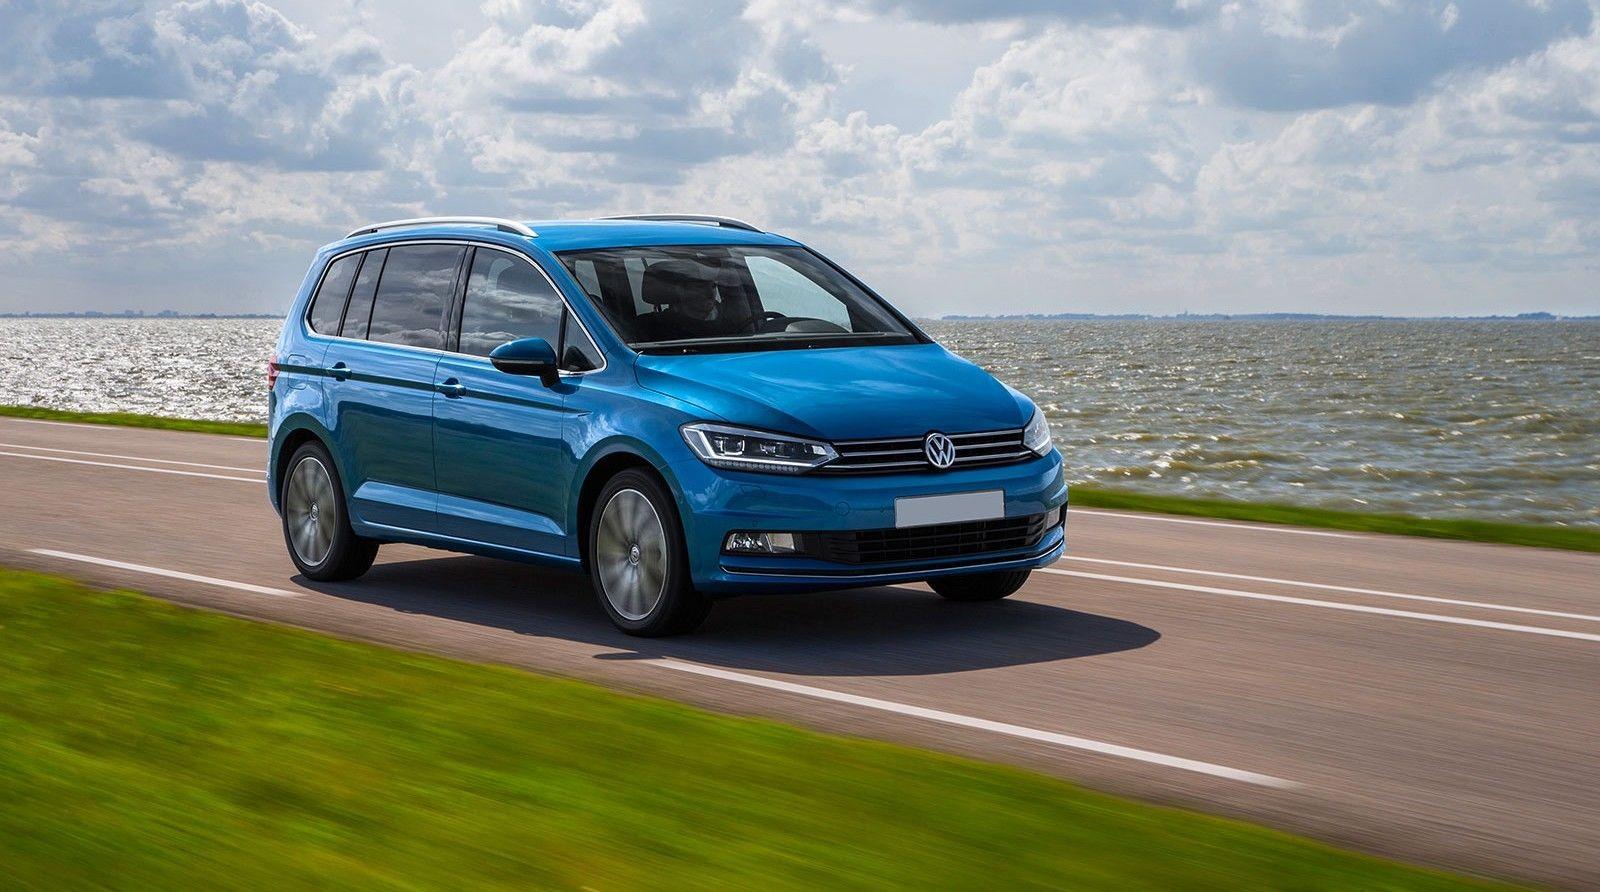 В Российской Федерации изымут изпродажи VW Touran